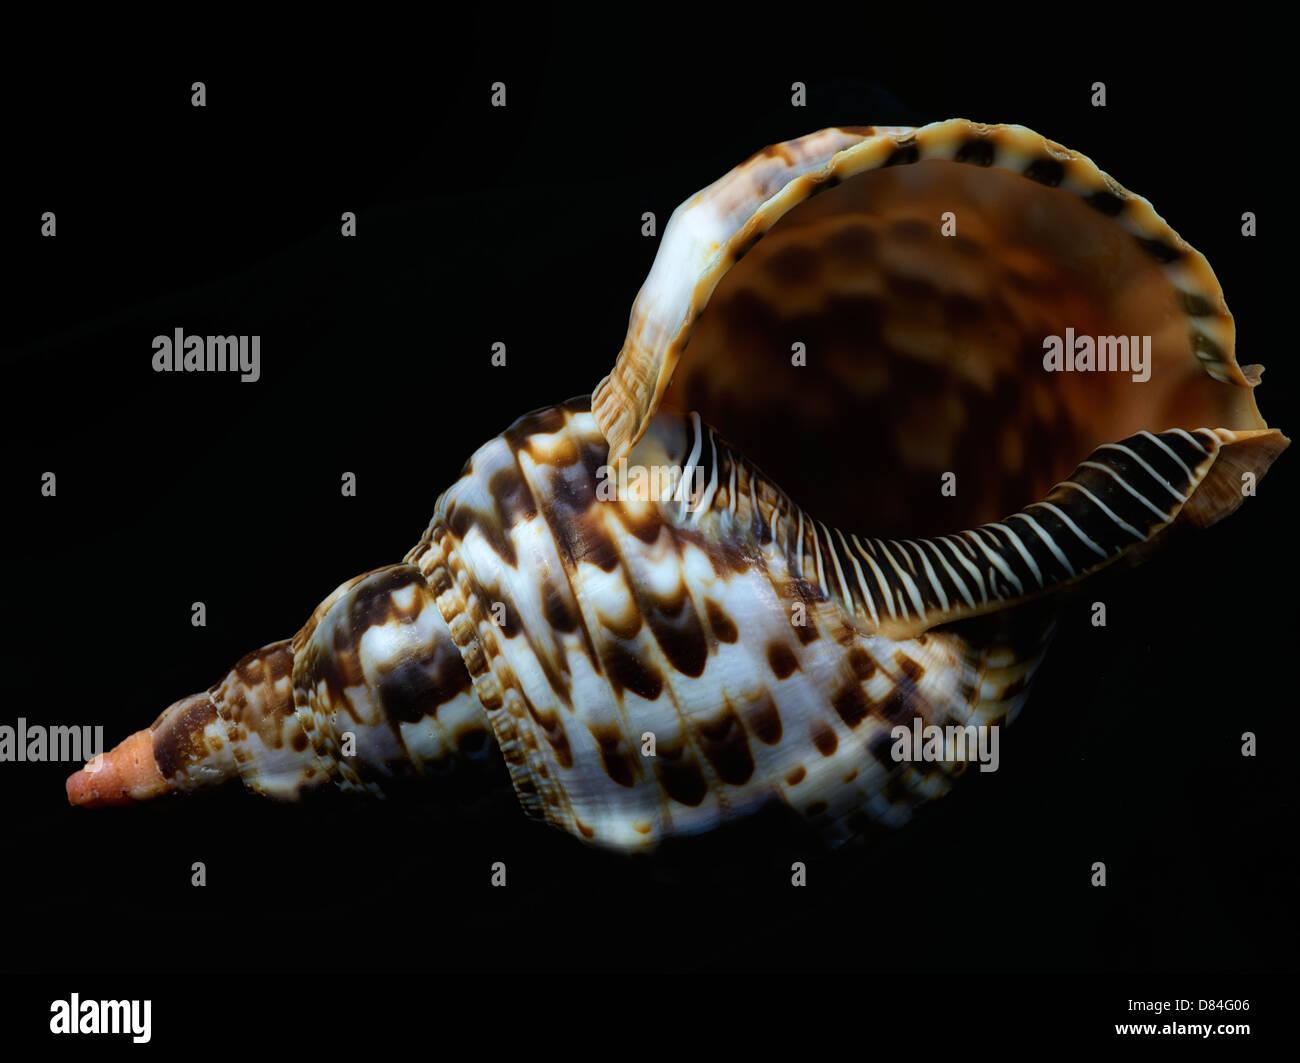 Cerca de Noble Tritón conchas marinas. Imagen De Stock